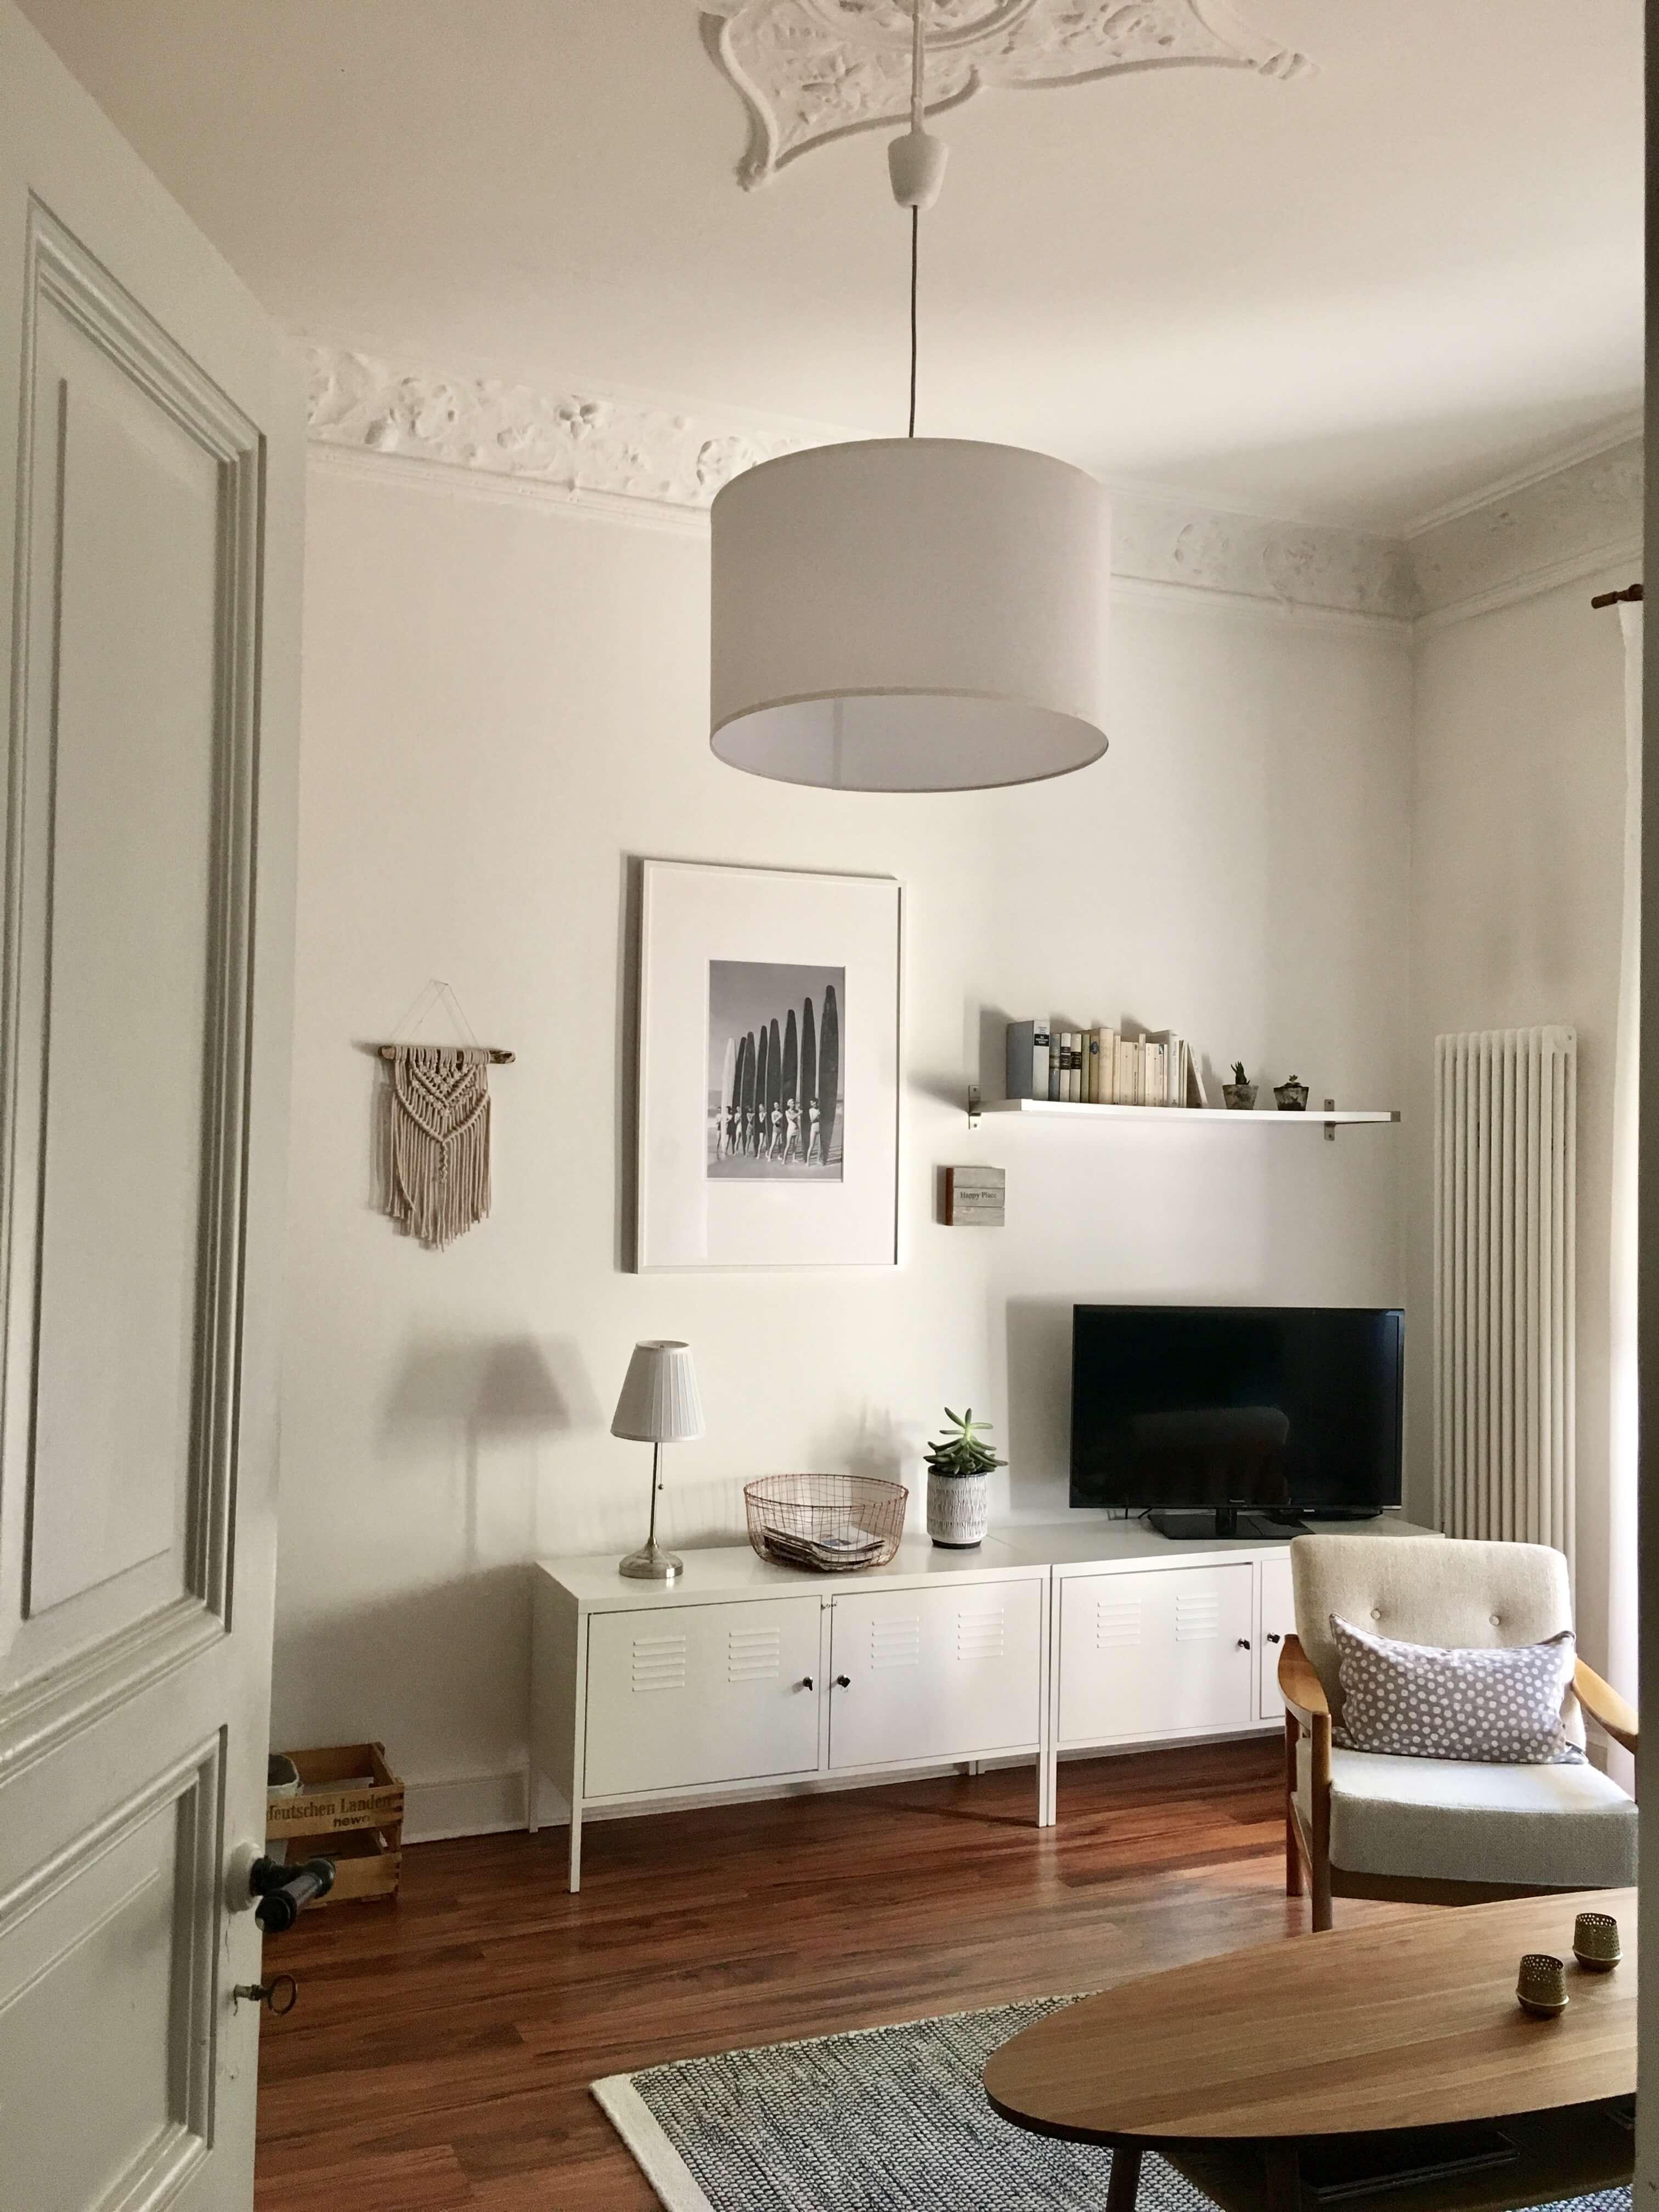 interior design hamburg ein wochenende mit dosieloves. Black Bedroom Furniture Sets. Home Design Ideas